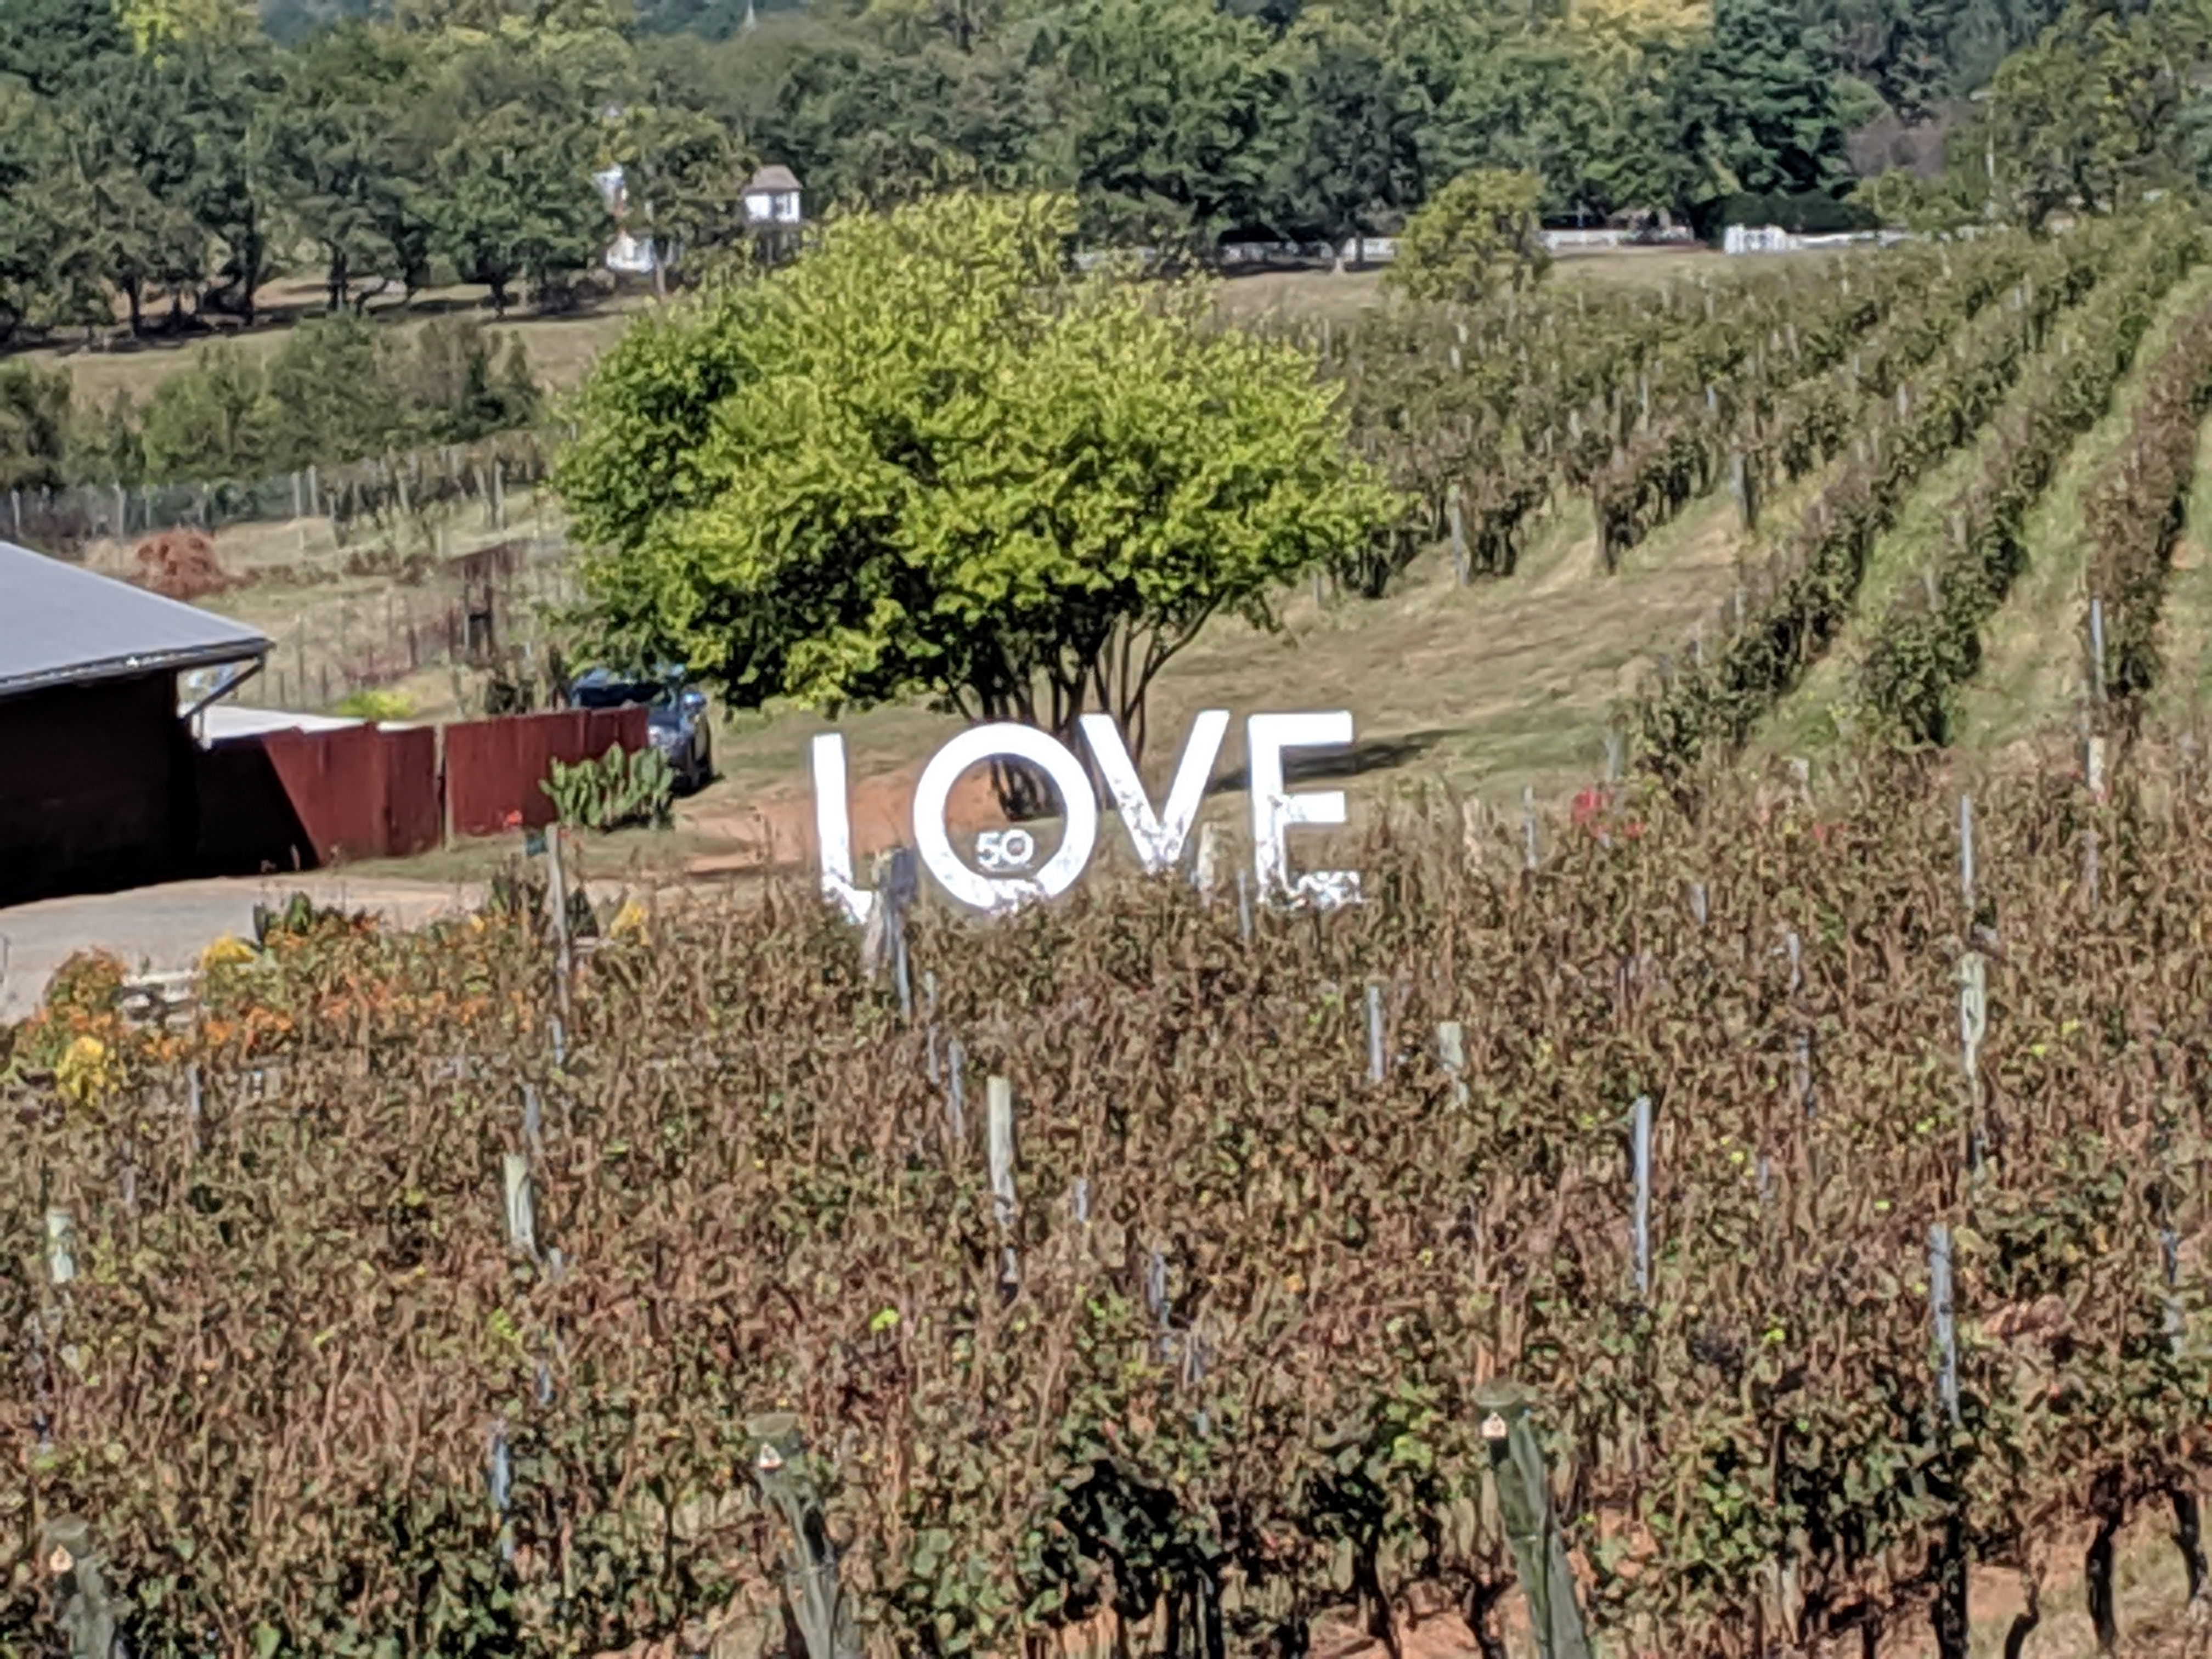 Love--Barboursville Winery.jpg